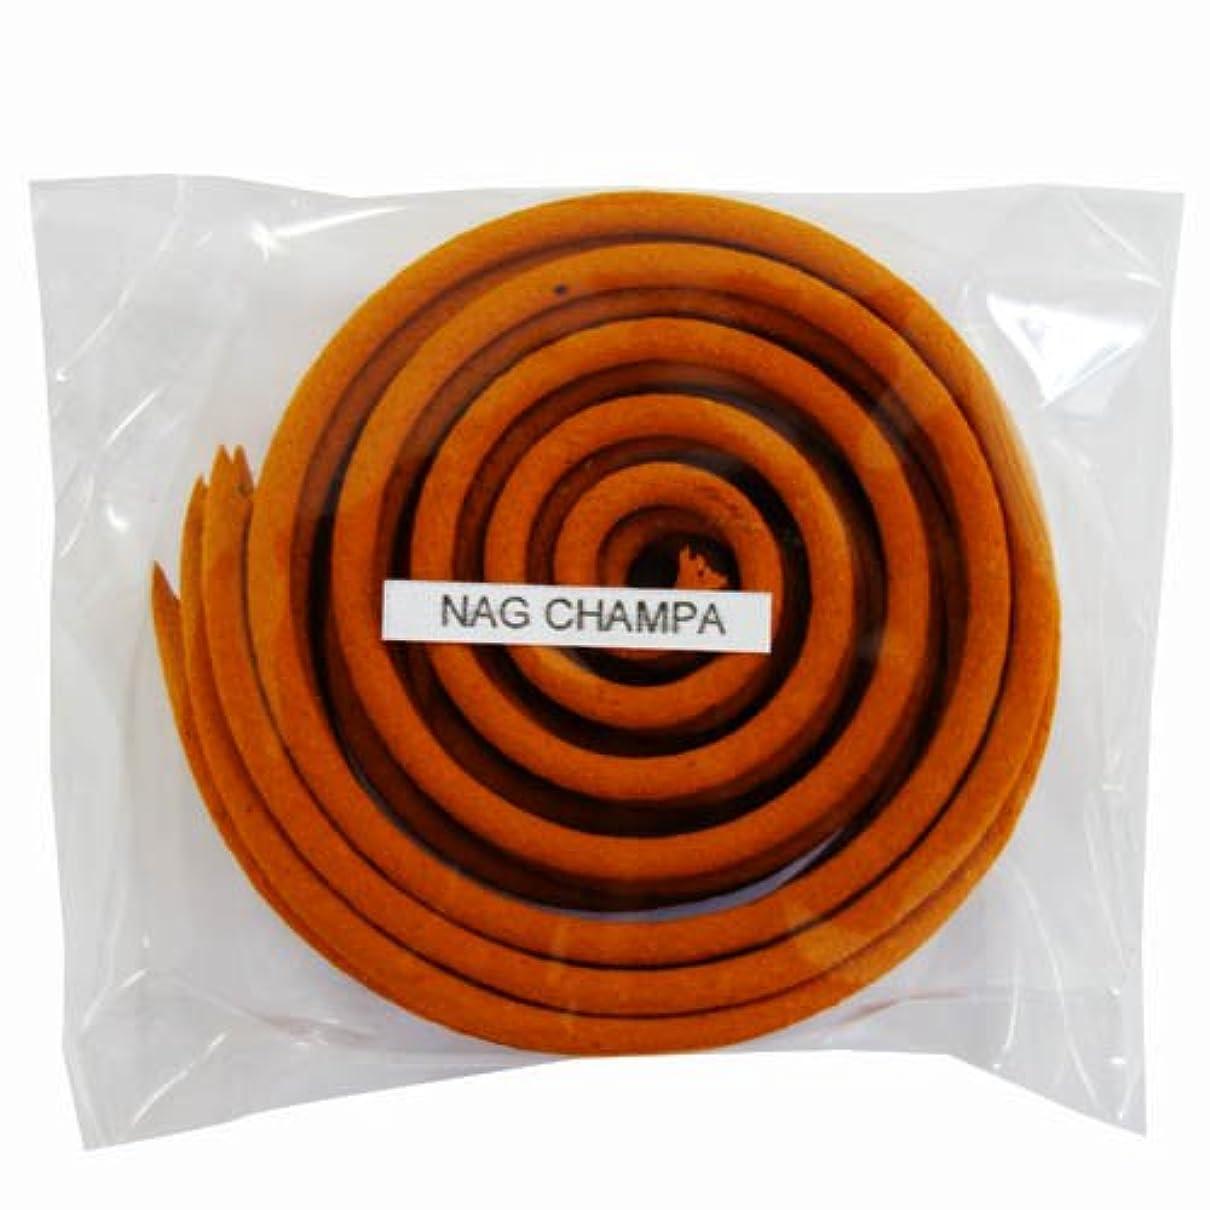 スプーンテレビを見るマイクお香/うずまき香 NAG CHAMPA ナグチャンパ 直径6.5cm×5巻セット [並行輸入品]